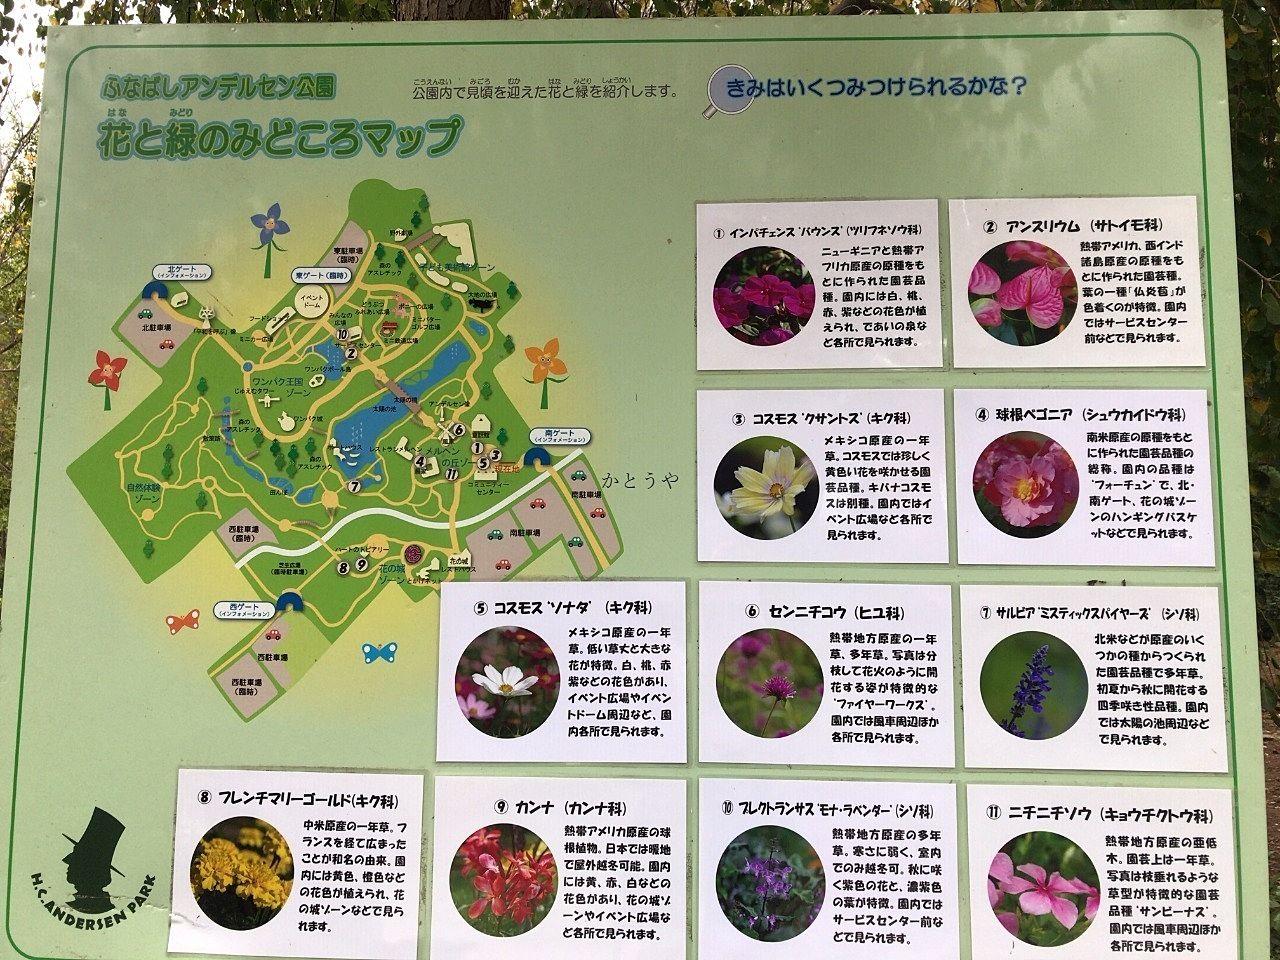 10月中旬のふなばしアンデルセン公園 お花情報です